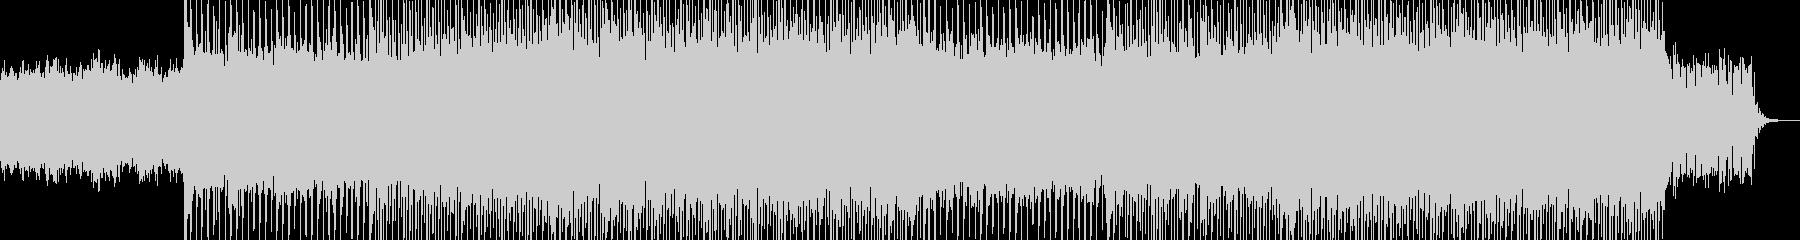 EDMクラブ系ダンスミュージック-124の未再生の波形